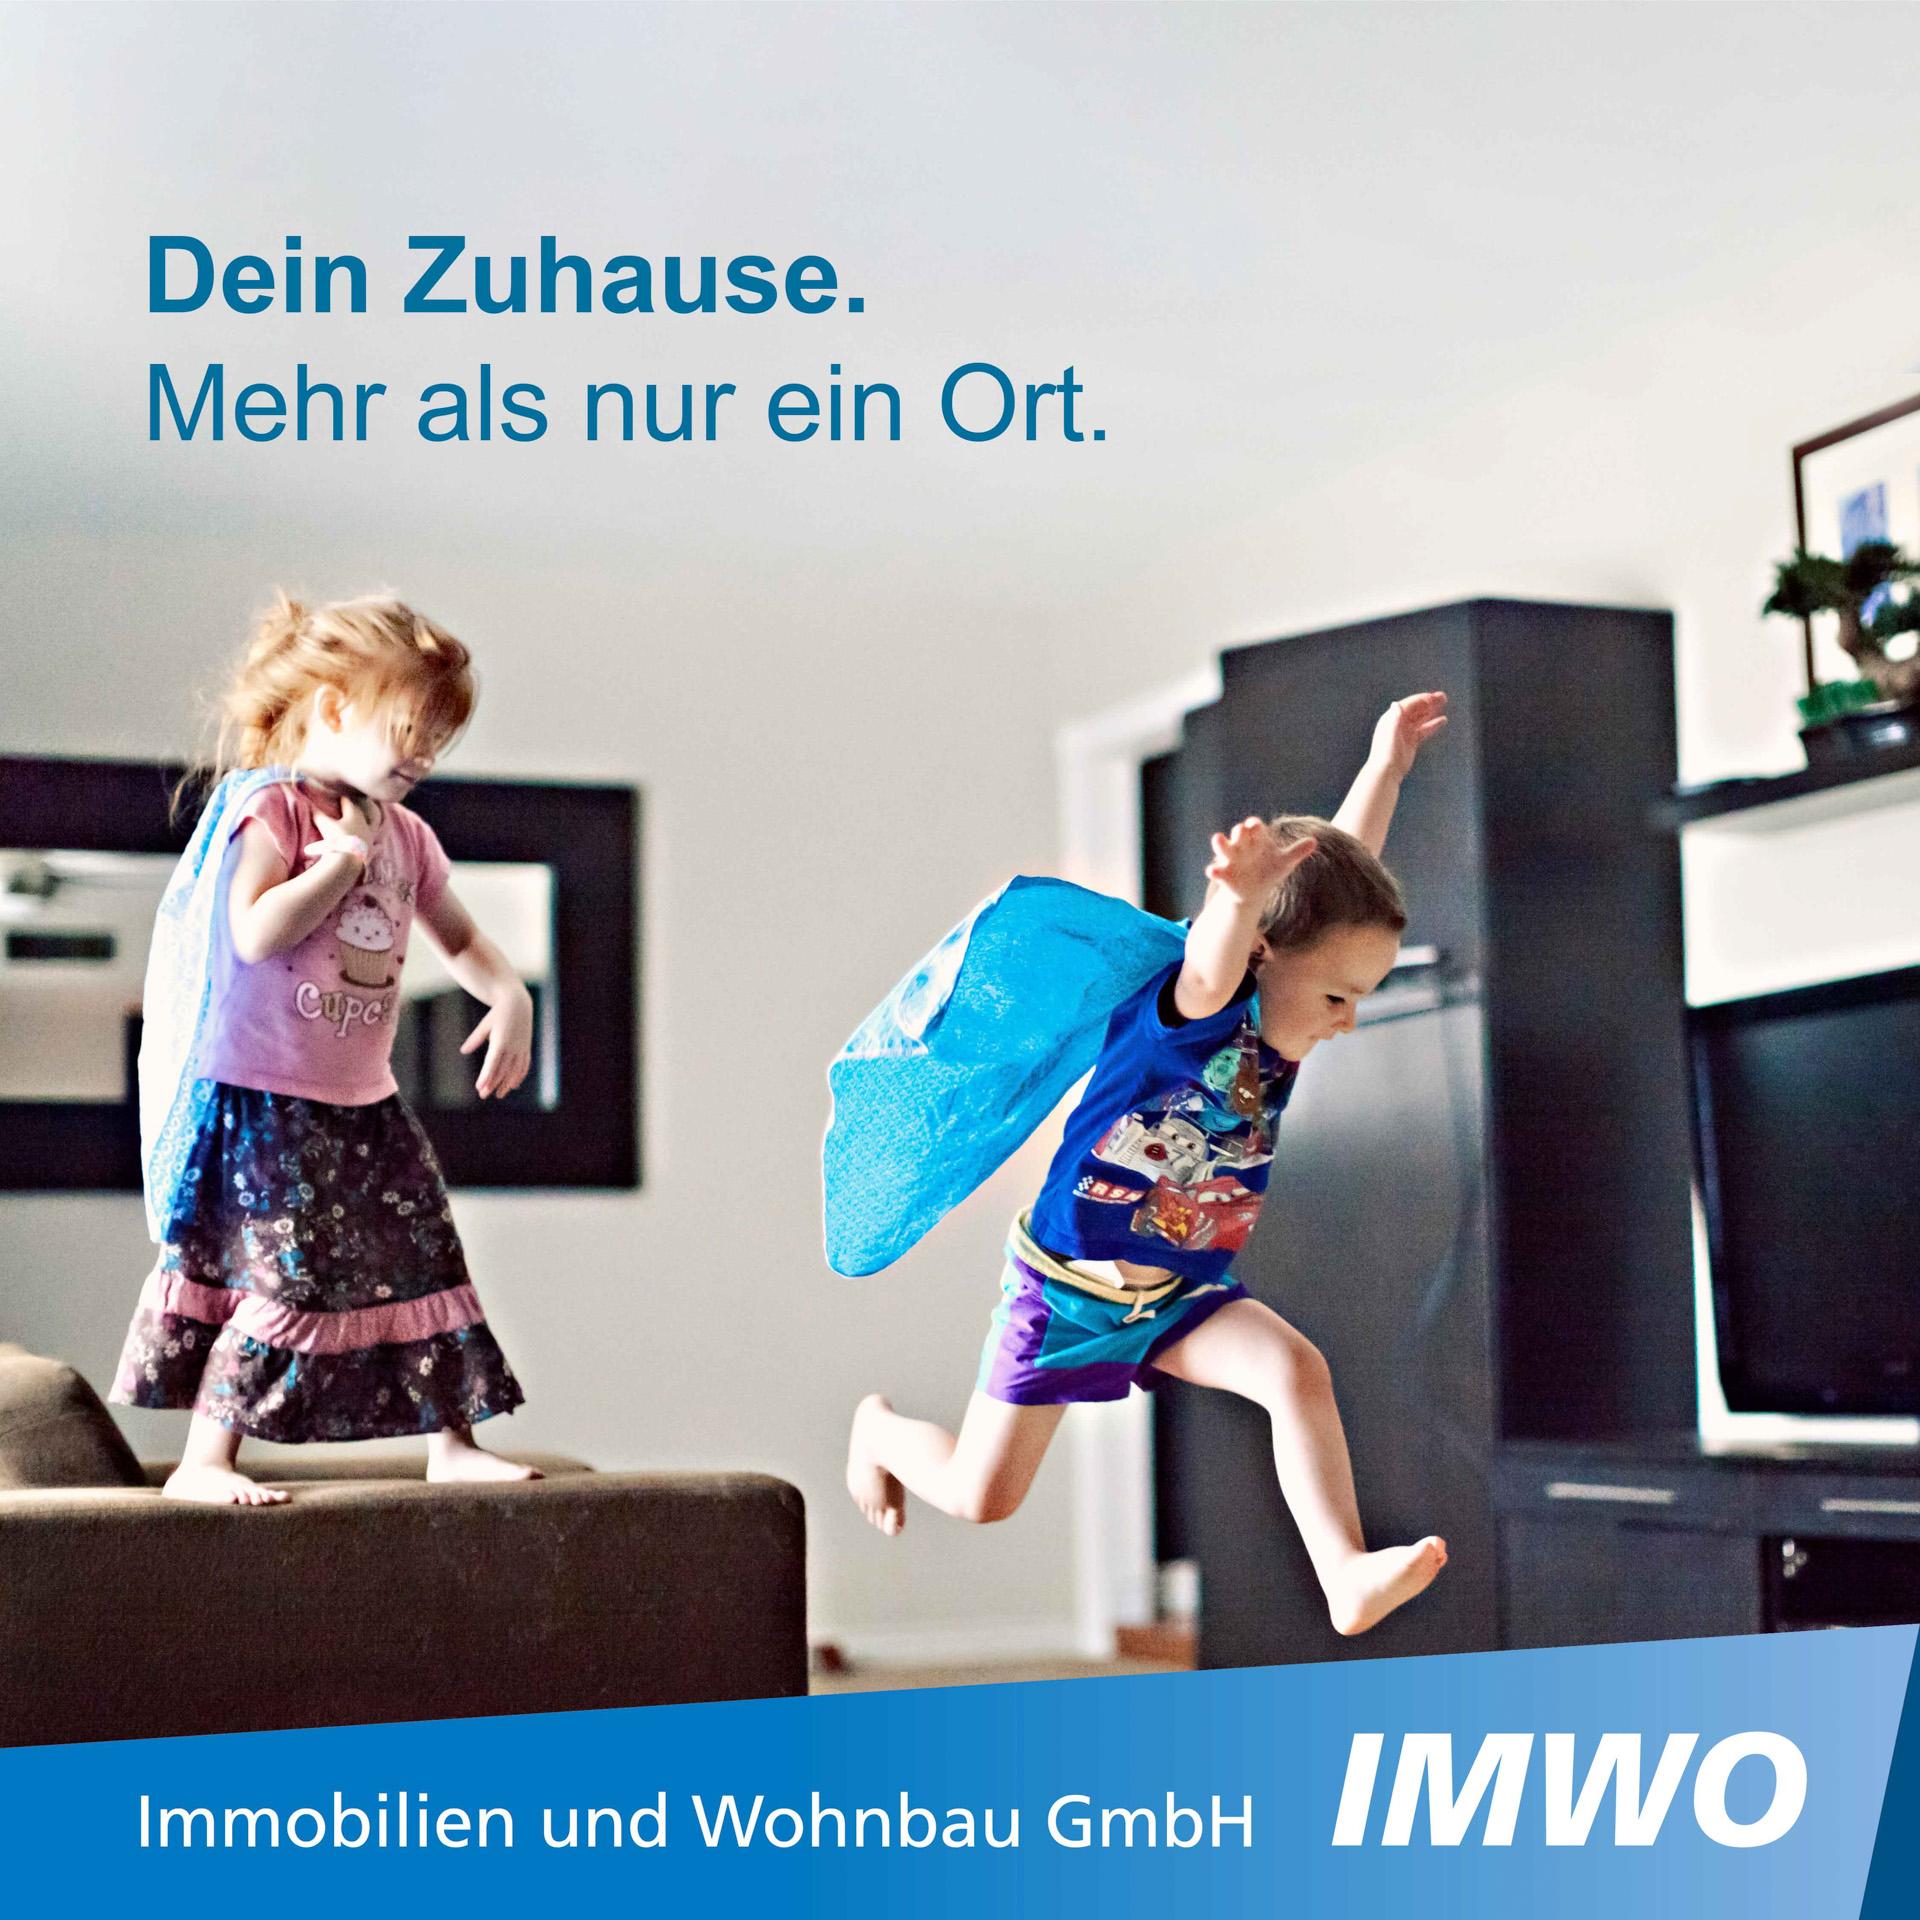 gniced-daniel gross-pfaffenhofen-grafikdesign-print-druckprodukte-19